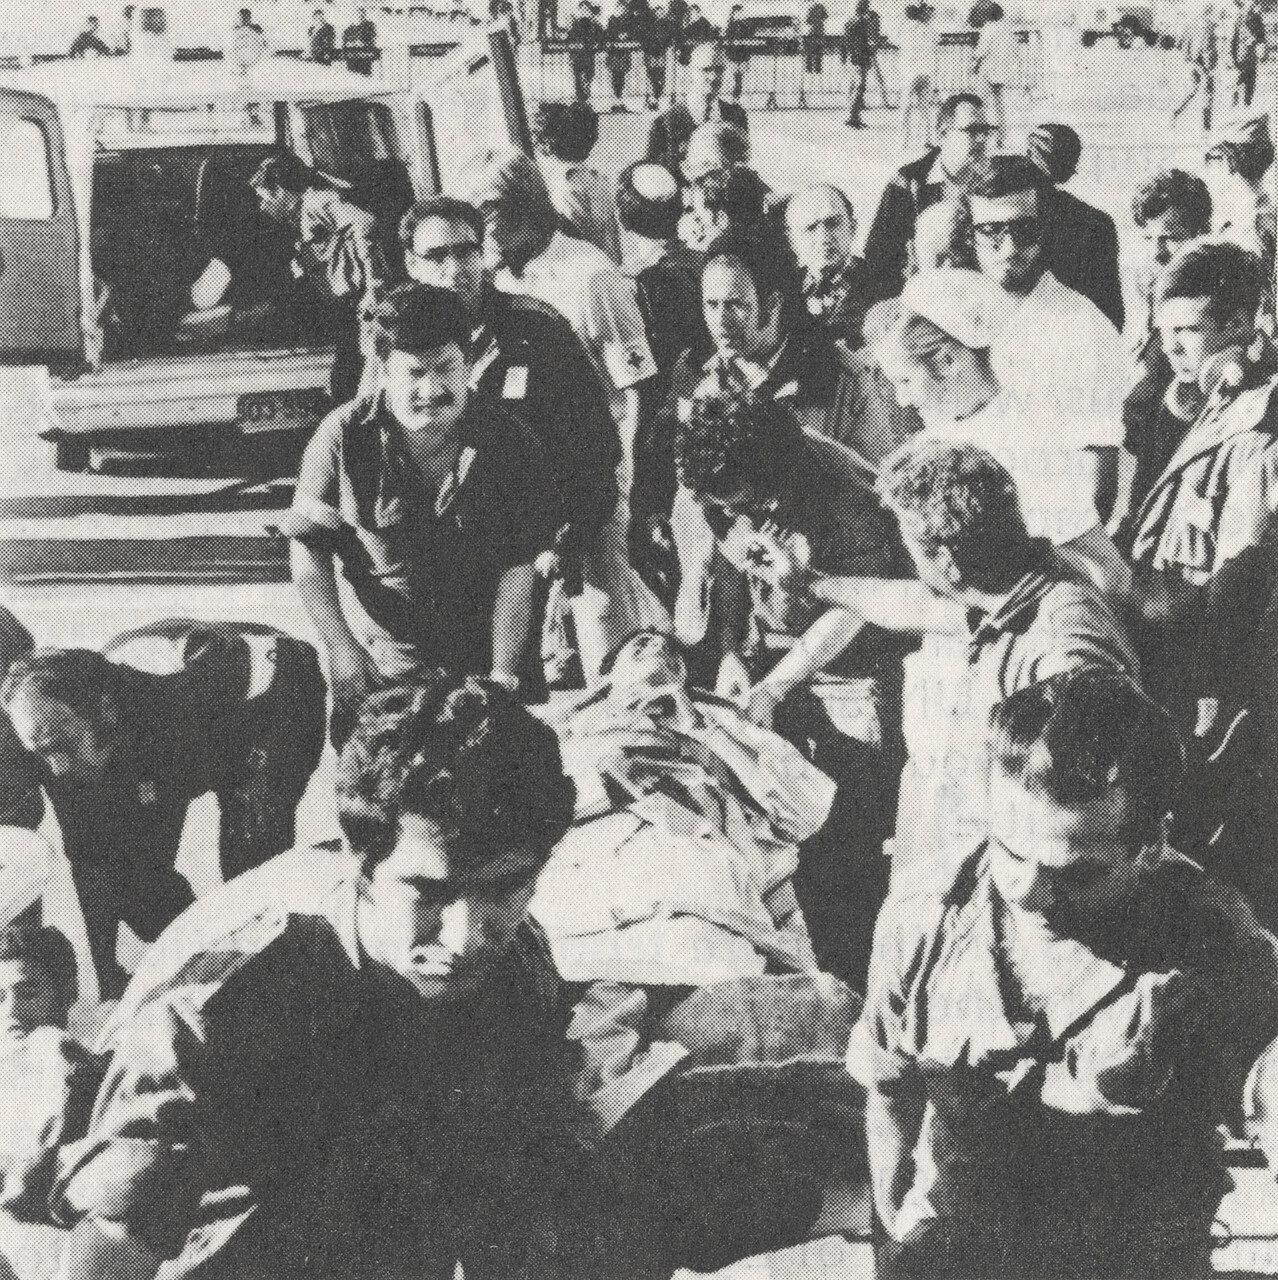 Египетские военнопленные возвращаются домой после арабо-израильской войны